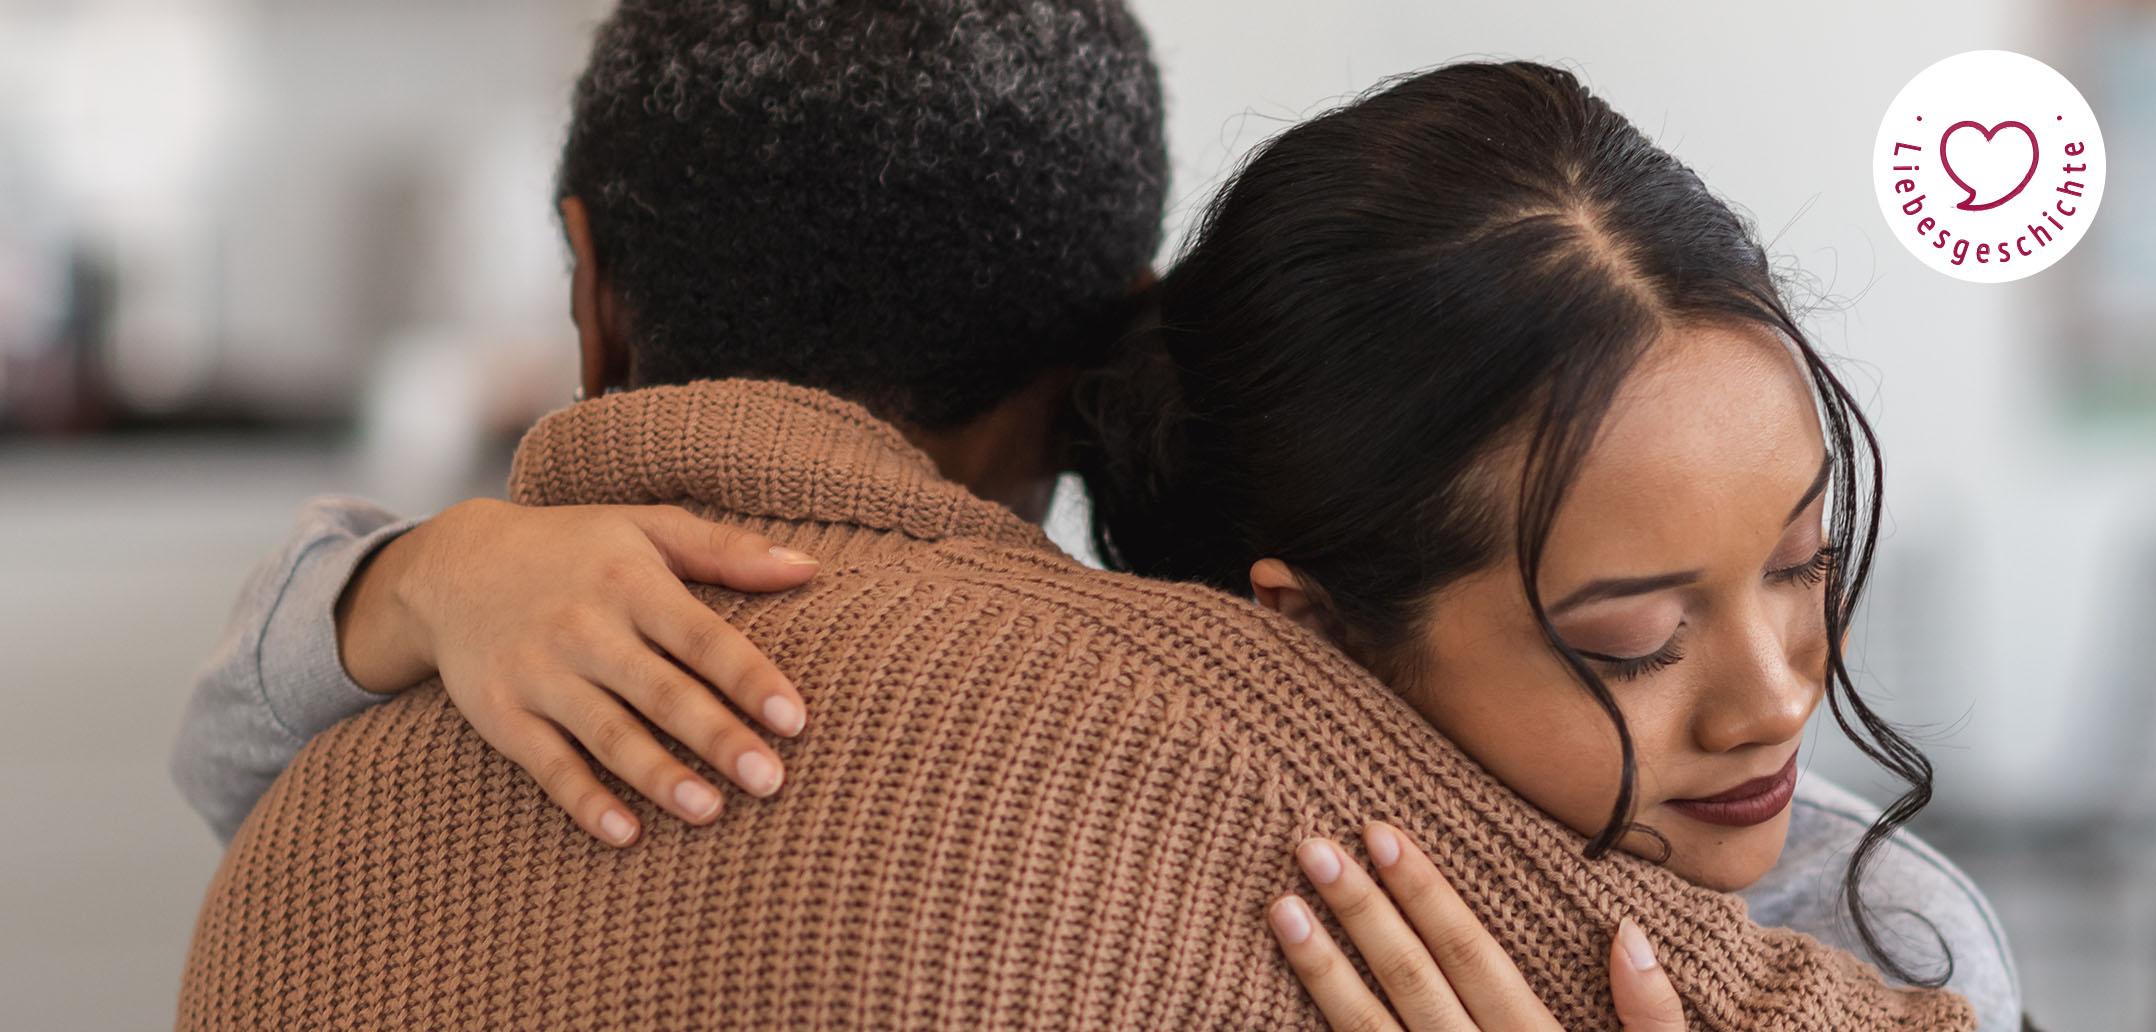 Eine Frau wird tröstend umarmt